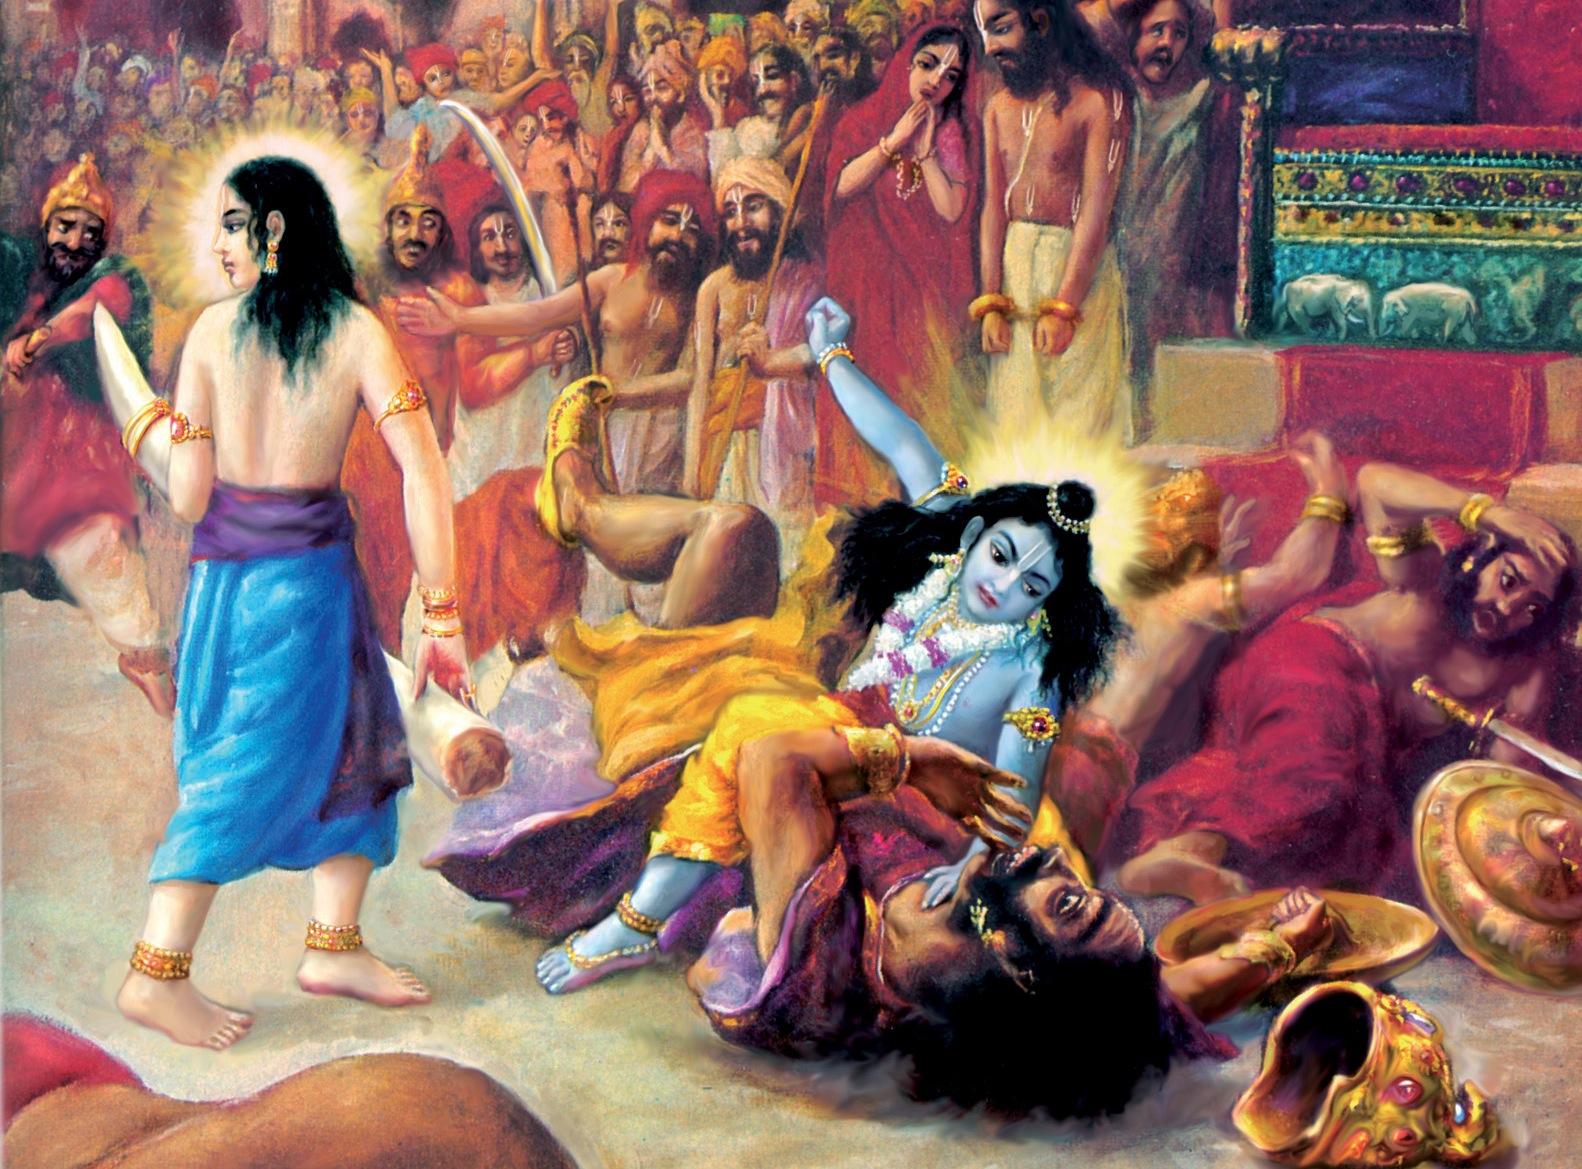 My hindu friend 2015 uncut version - 2 part 5